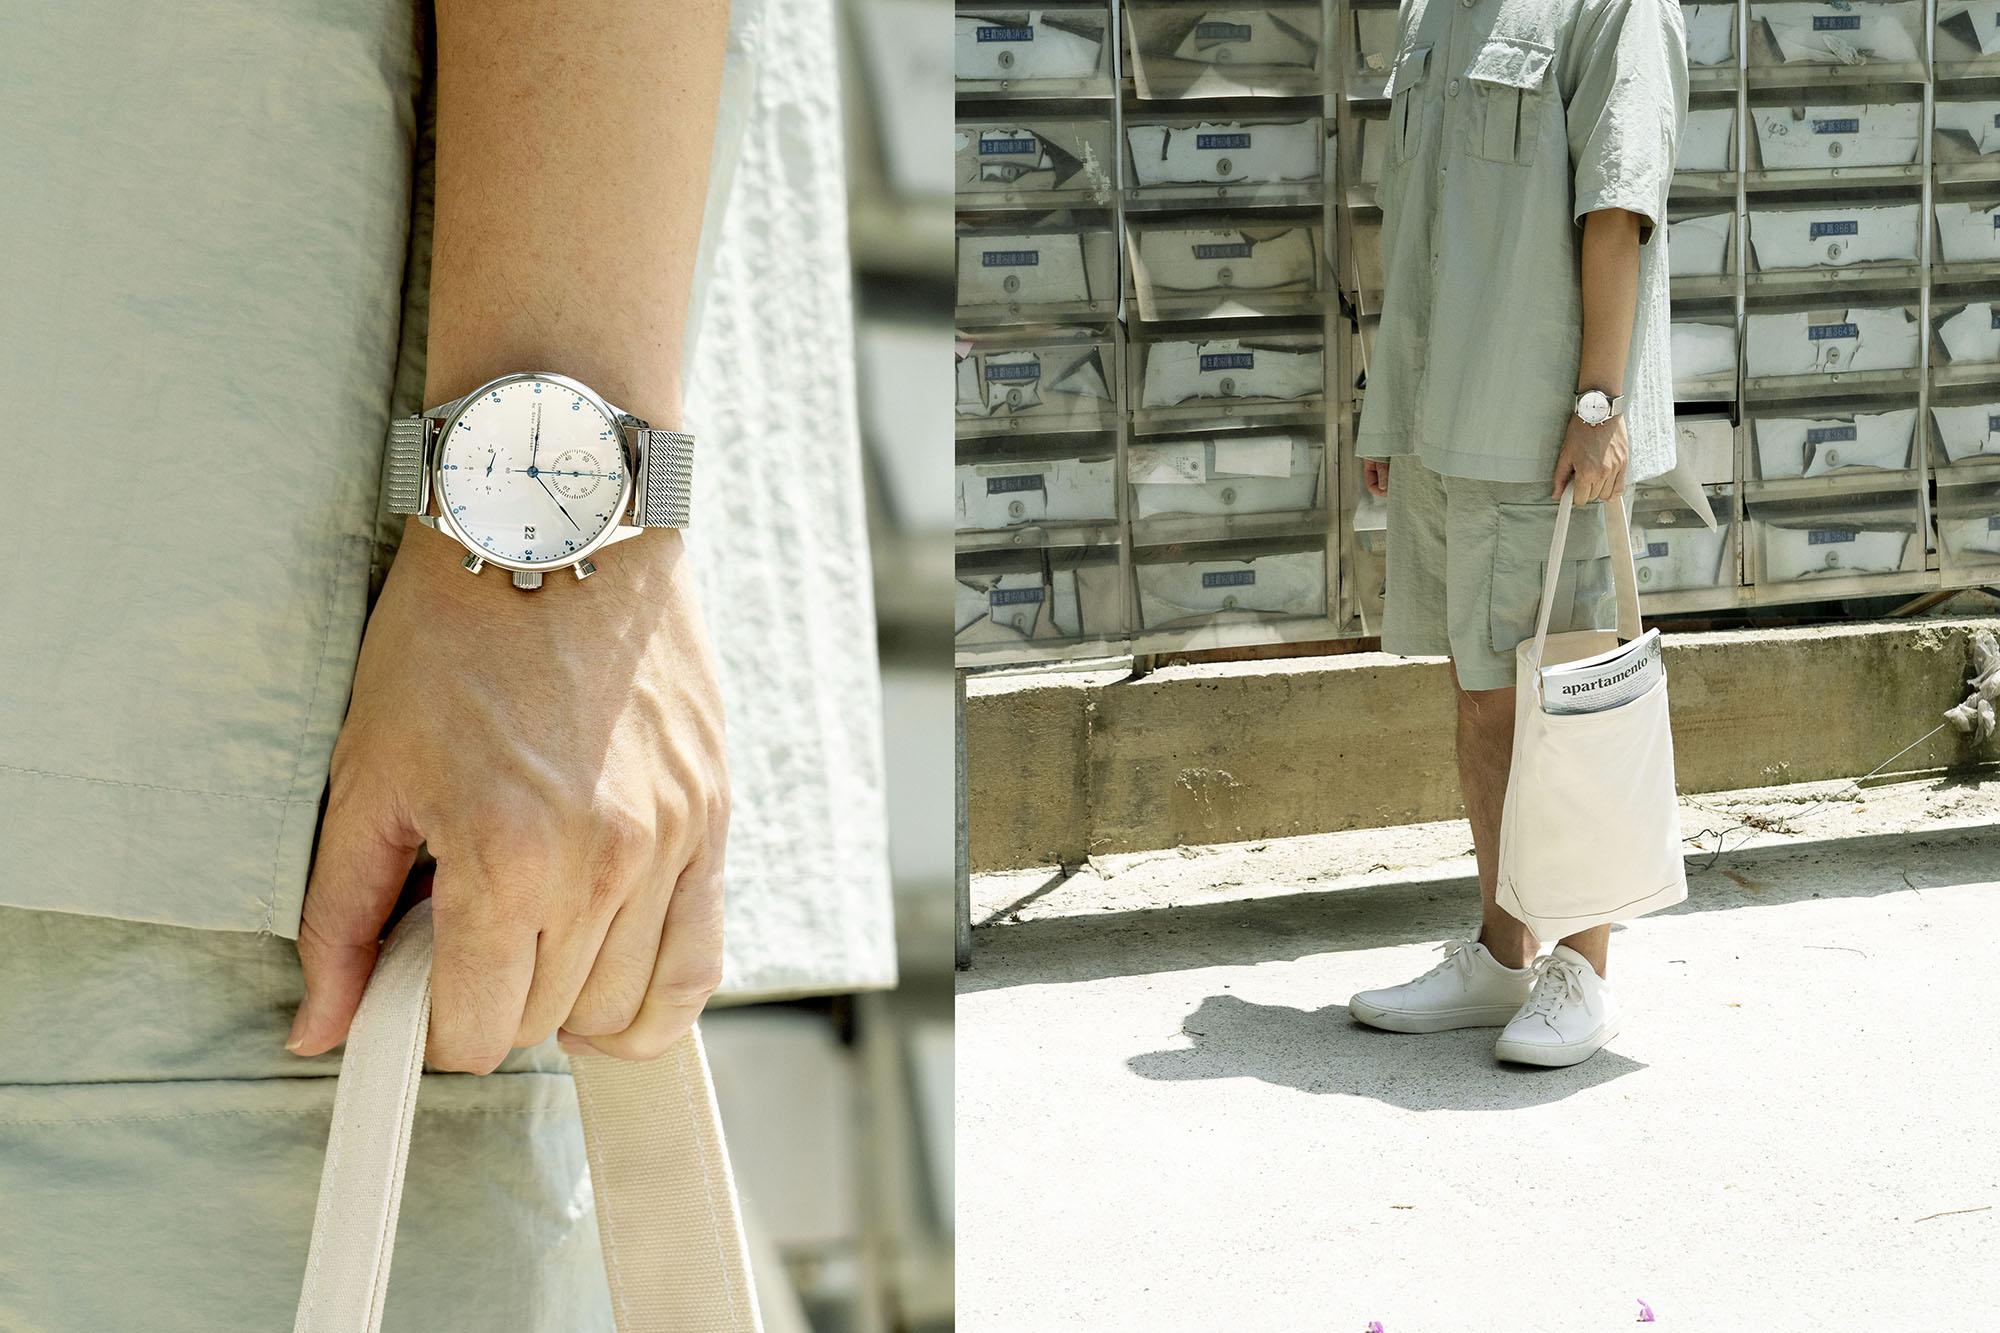 網站近期文章:不能出門的日子,與喜歡的物件敘敘舊|ABOUT VINTAGE 腕錶